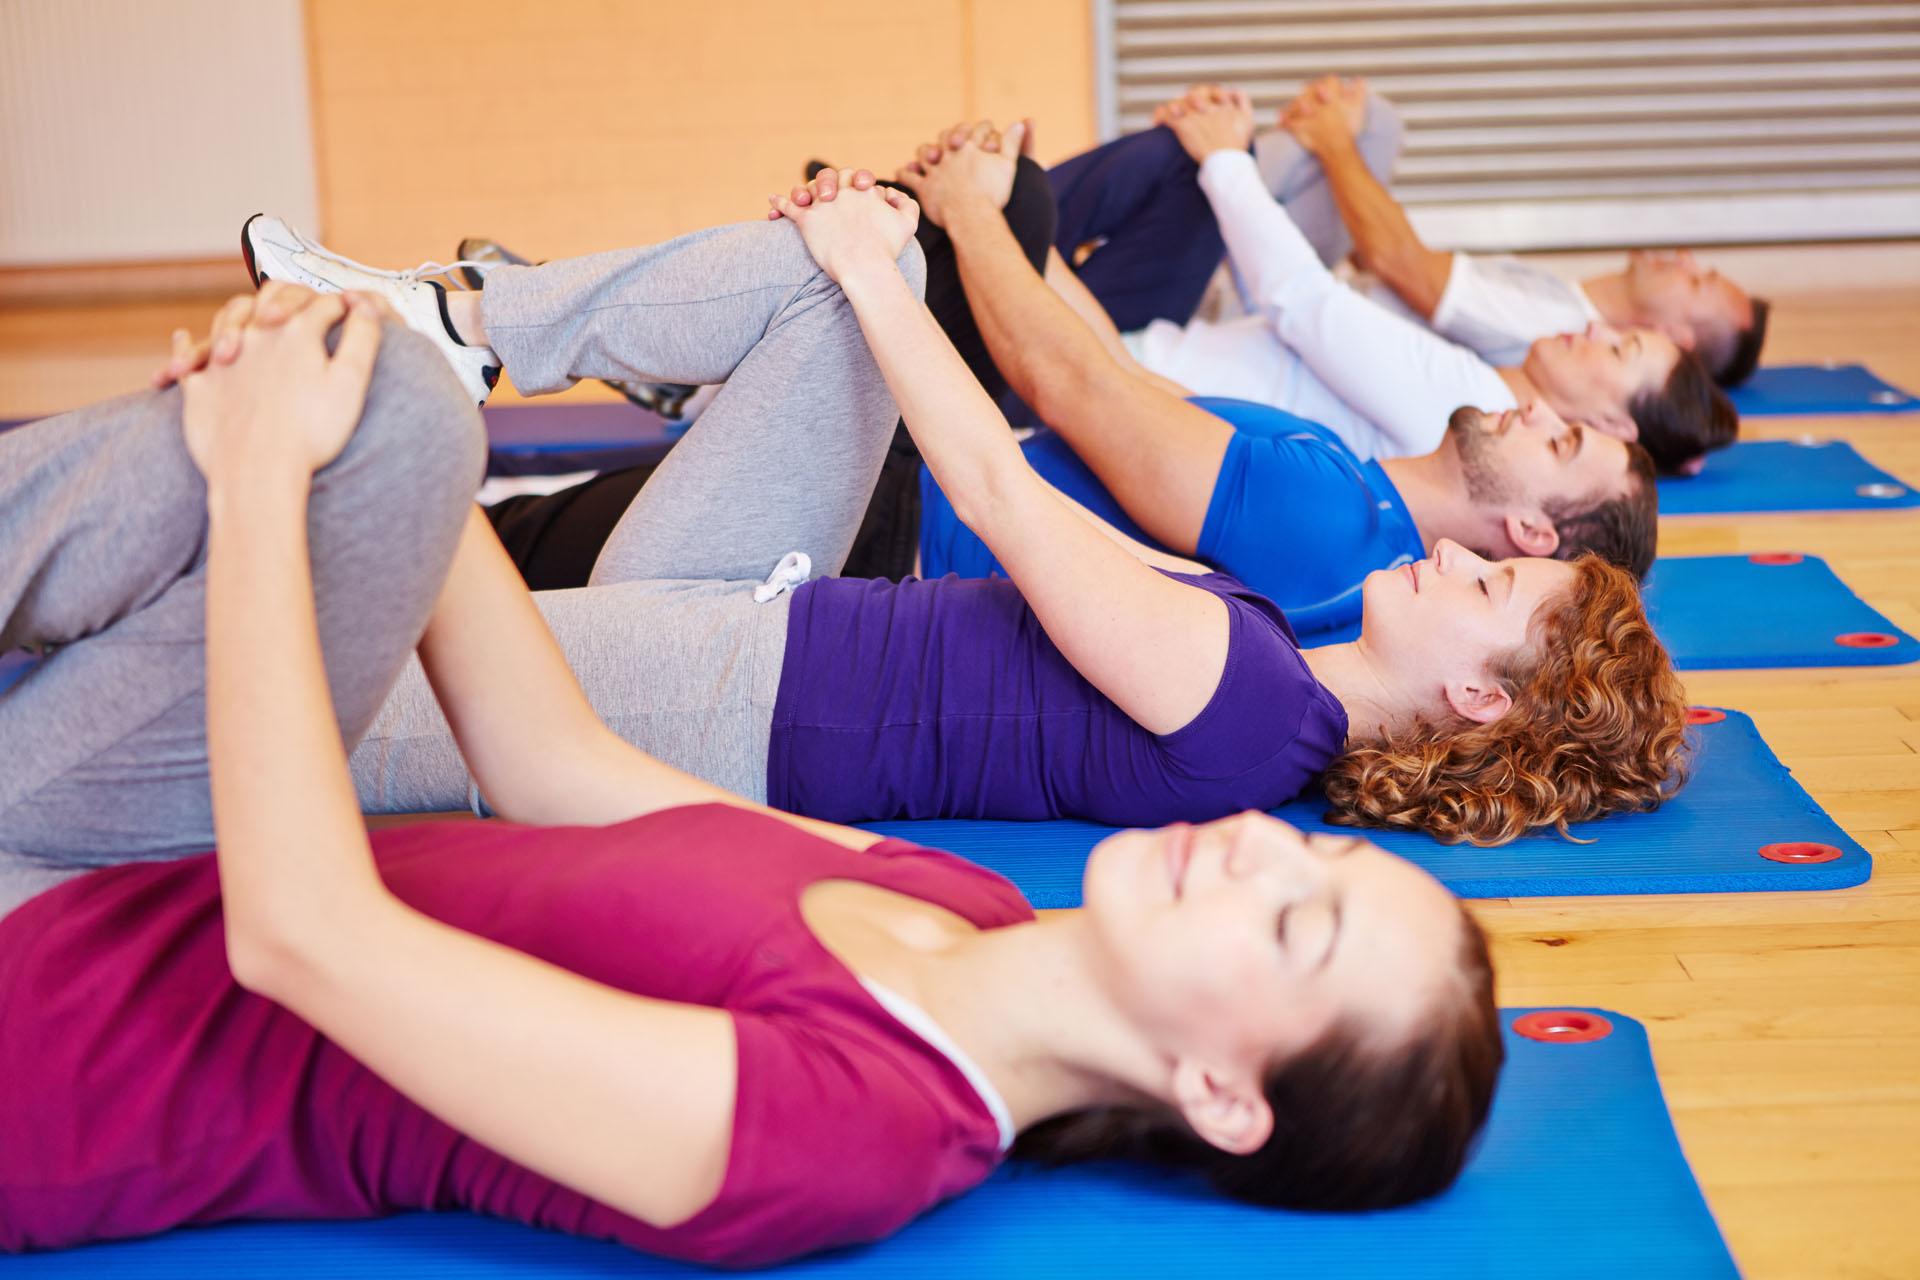 Gruppe liegt auf dem Rücken und macht Dehnübungen im Fitnesscenter